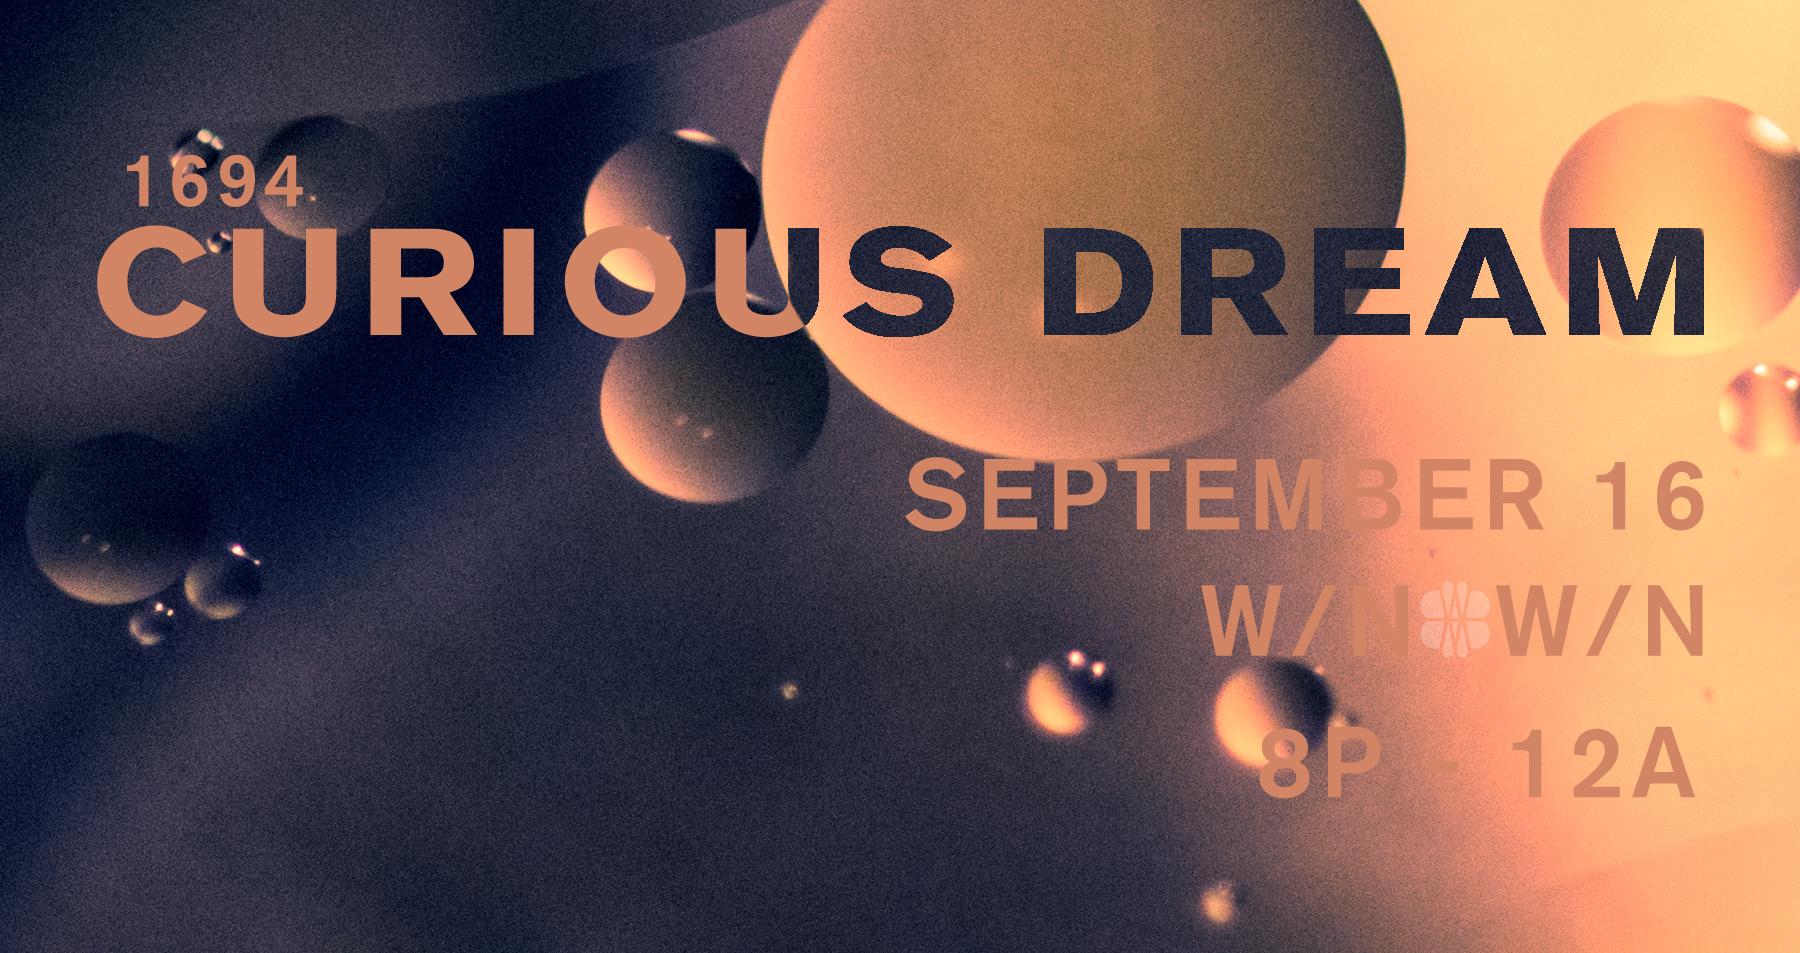 CuriousDream_Sept2018_fb.jpg